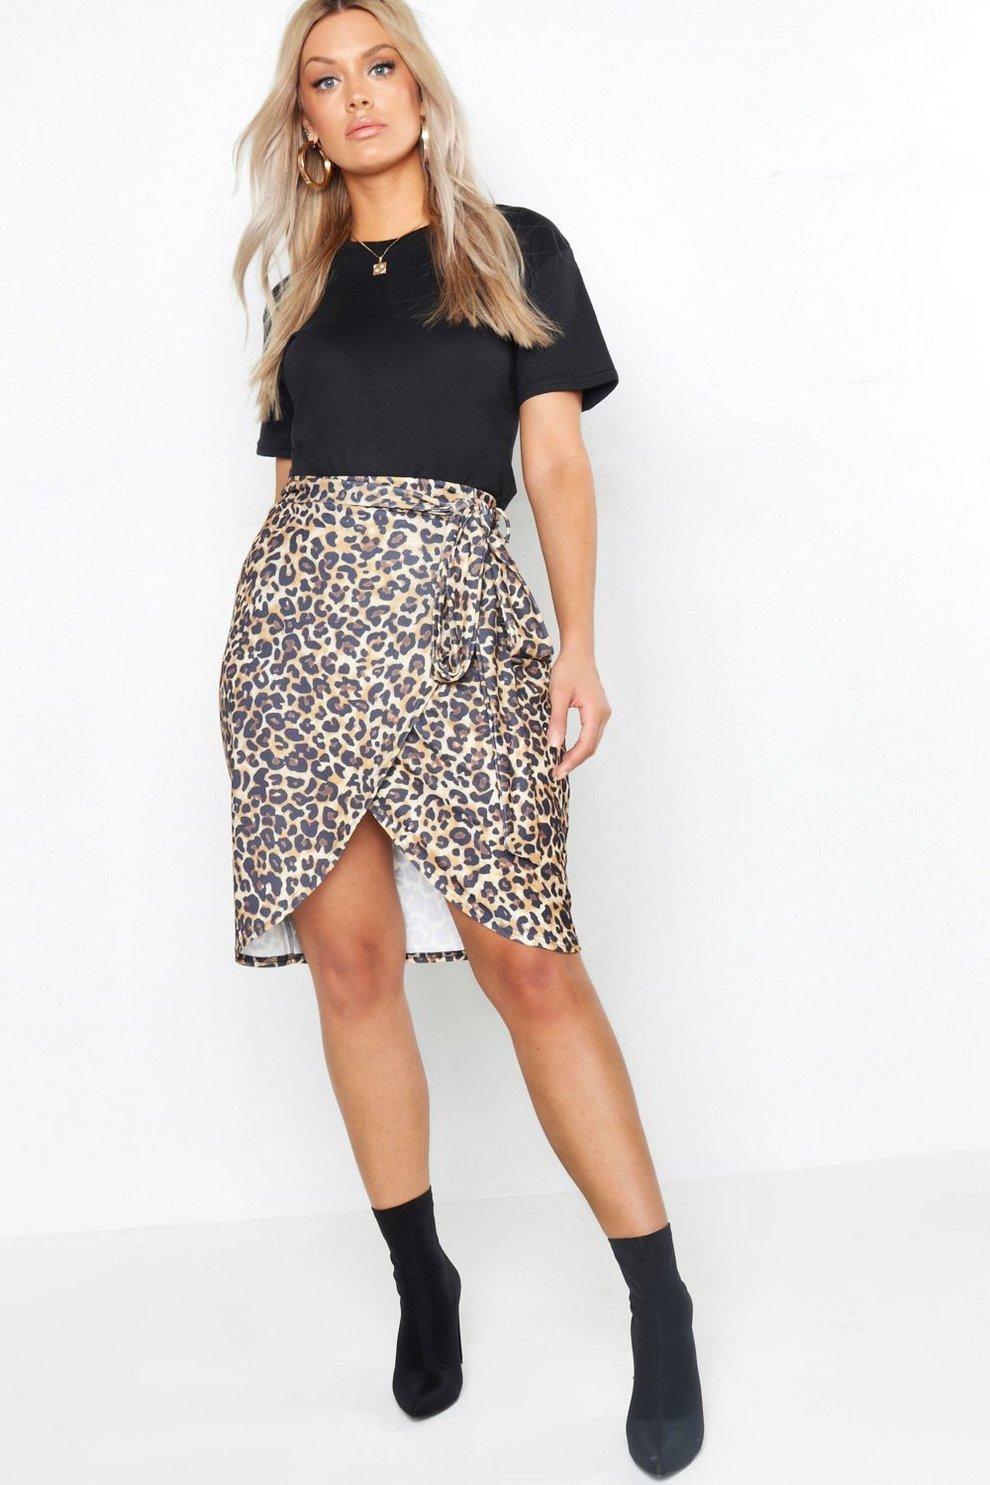 0f77a4894a0 «Плюс сайз» с леопардовым принтом Миди-юбка с завязками. «